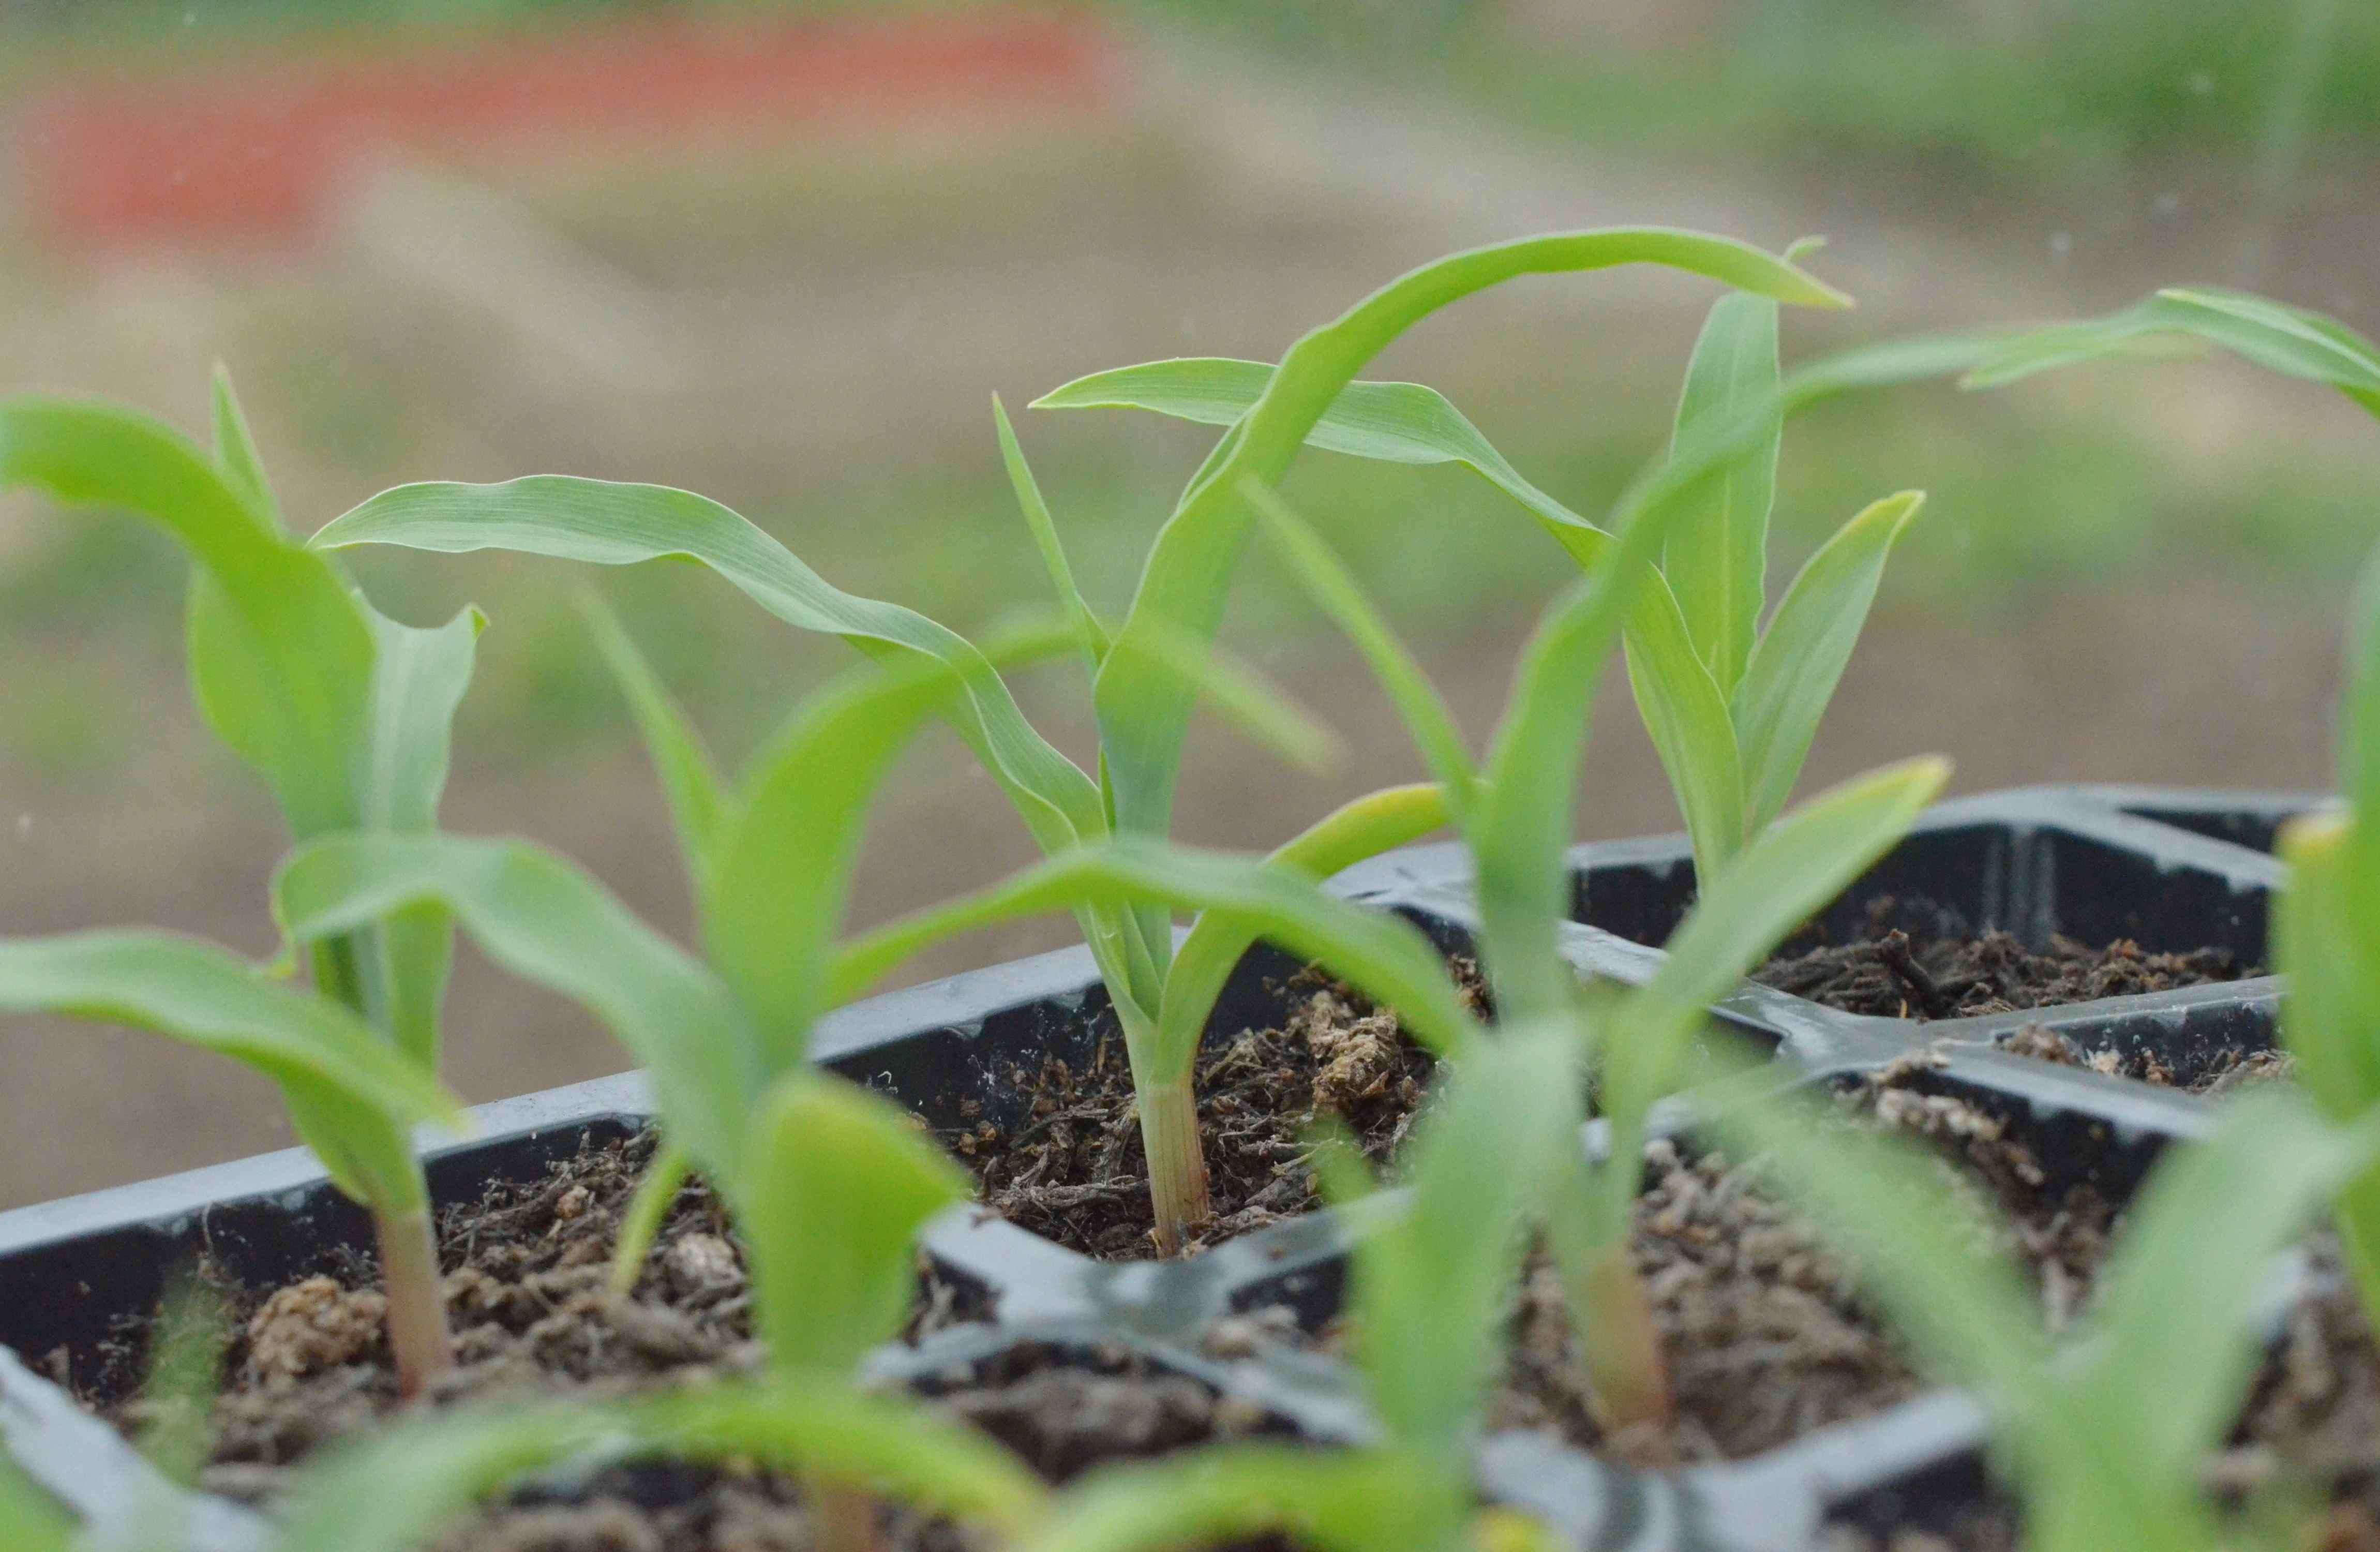 sweetcorn seedlings